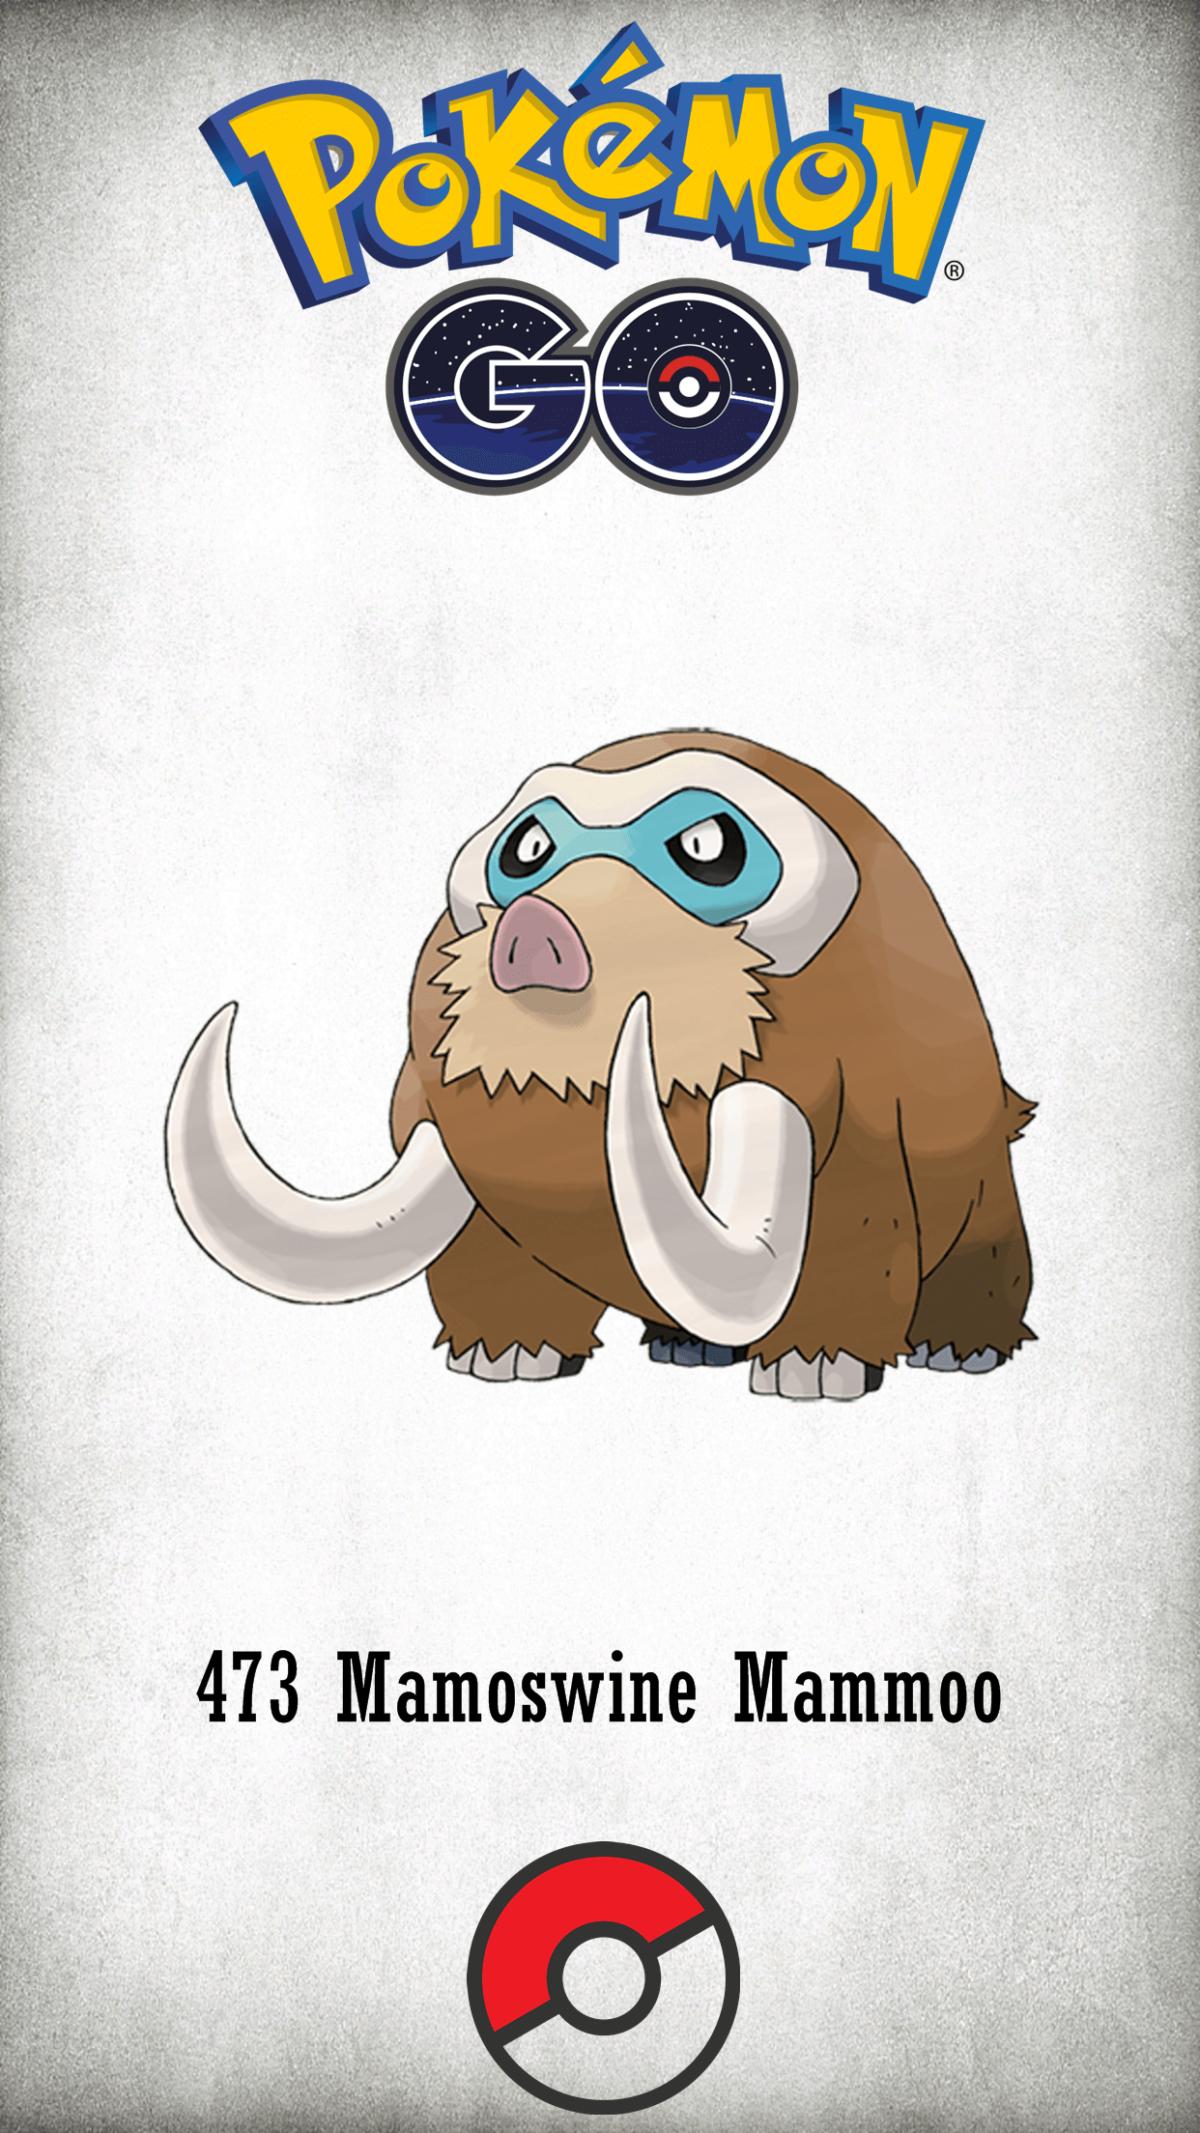 473 Character Mamoswine Mammoo | Wallpaper